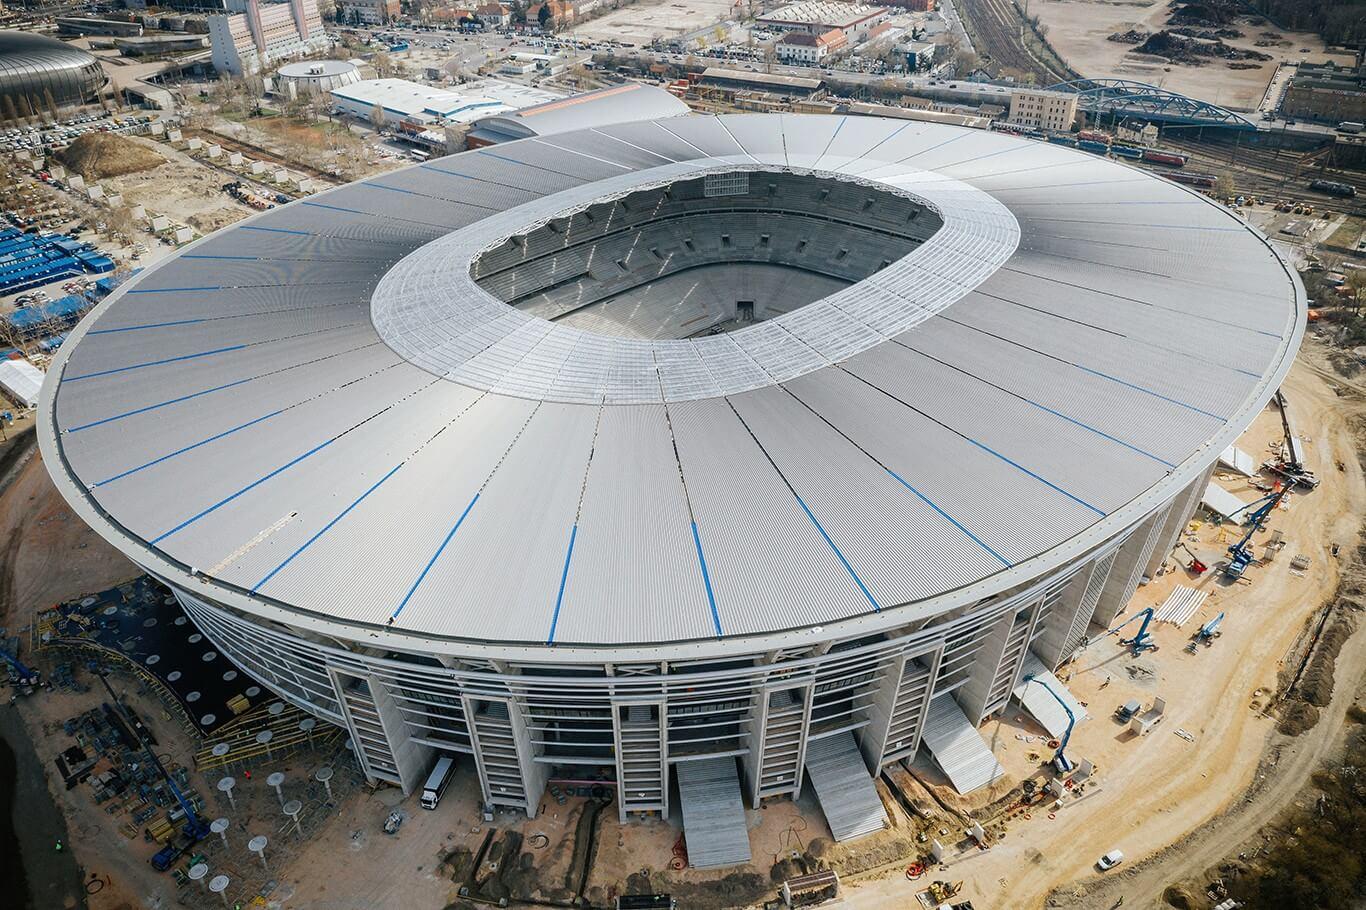 Így néz ki a befejezéshez közeledve az új Puskás-stadion - videóval és fotókkal